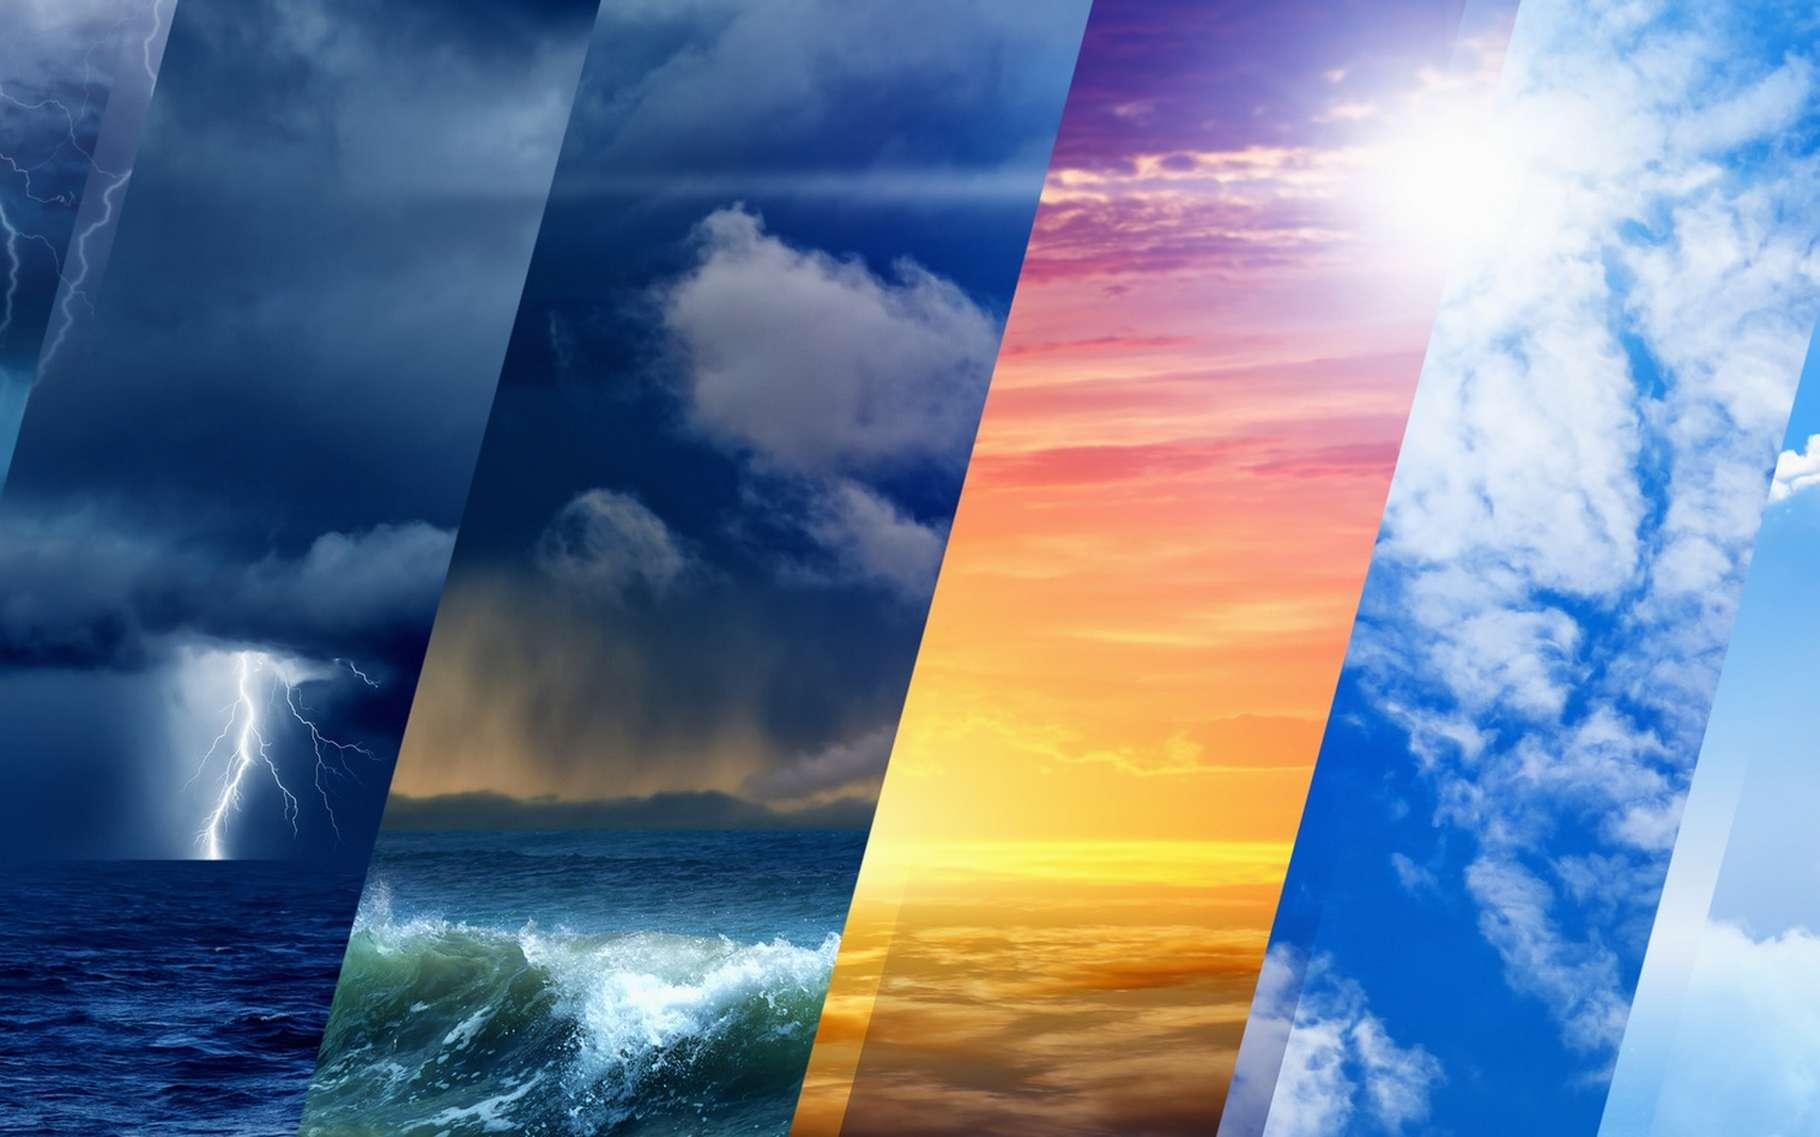 Grâce à la puissance de ses supercalculateurs combinée aux modèles logiciels développés par le centre de recherche National Center for Atmospheric Research, IBM et sa filiale The Weather Company veulent créer un modèle de prévision météo à l'échelle mondiale inédit. © Ig0rZh, Fotolia